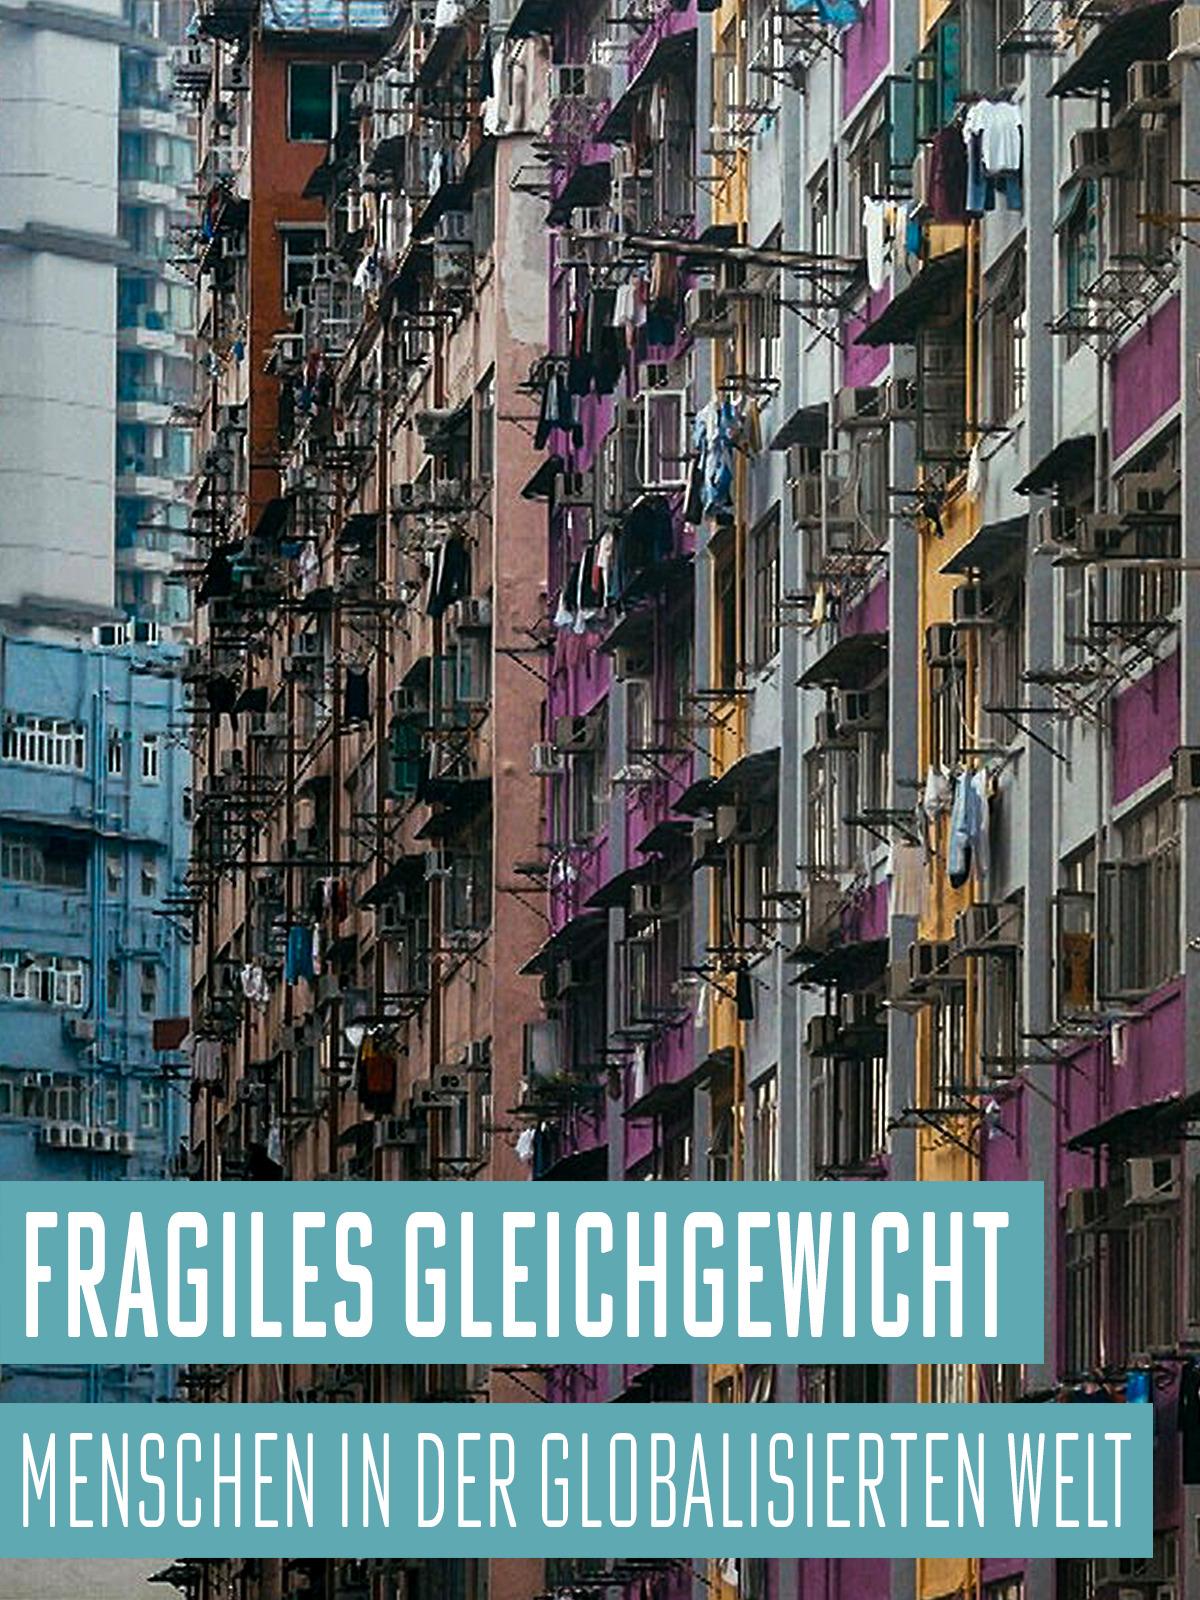 Fragiles Gleichgewicht - Menschen in der globalisierten Welt